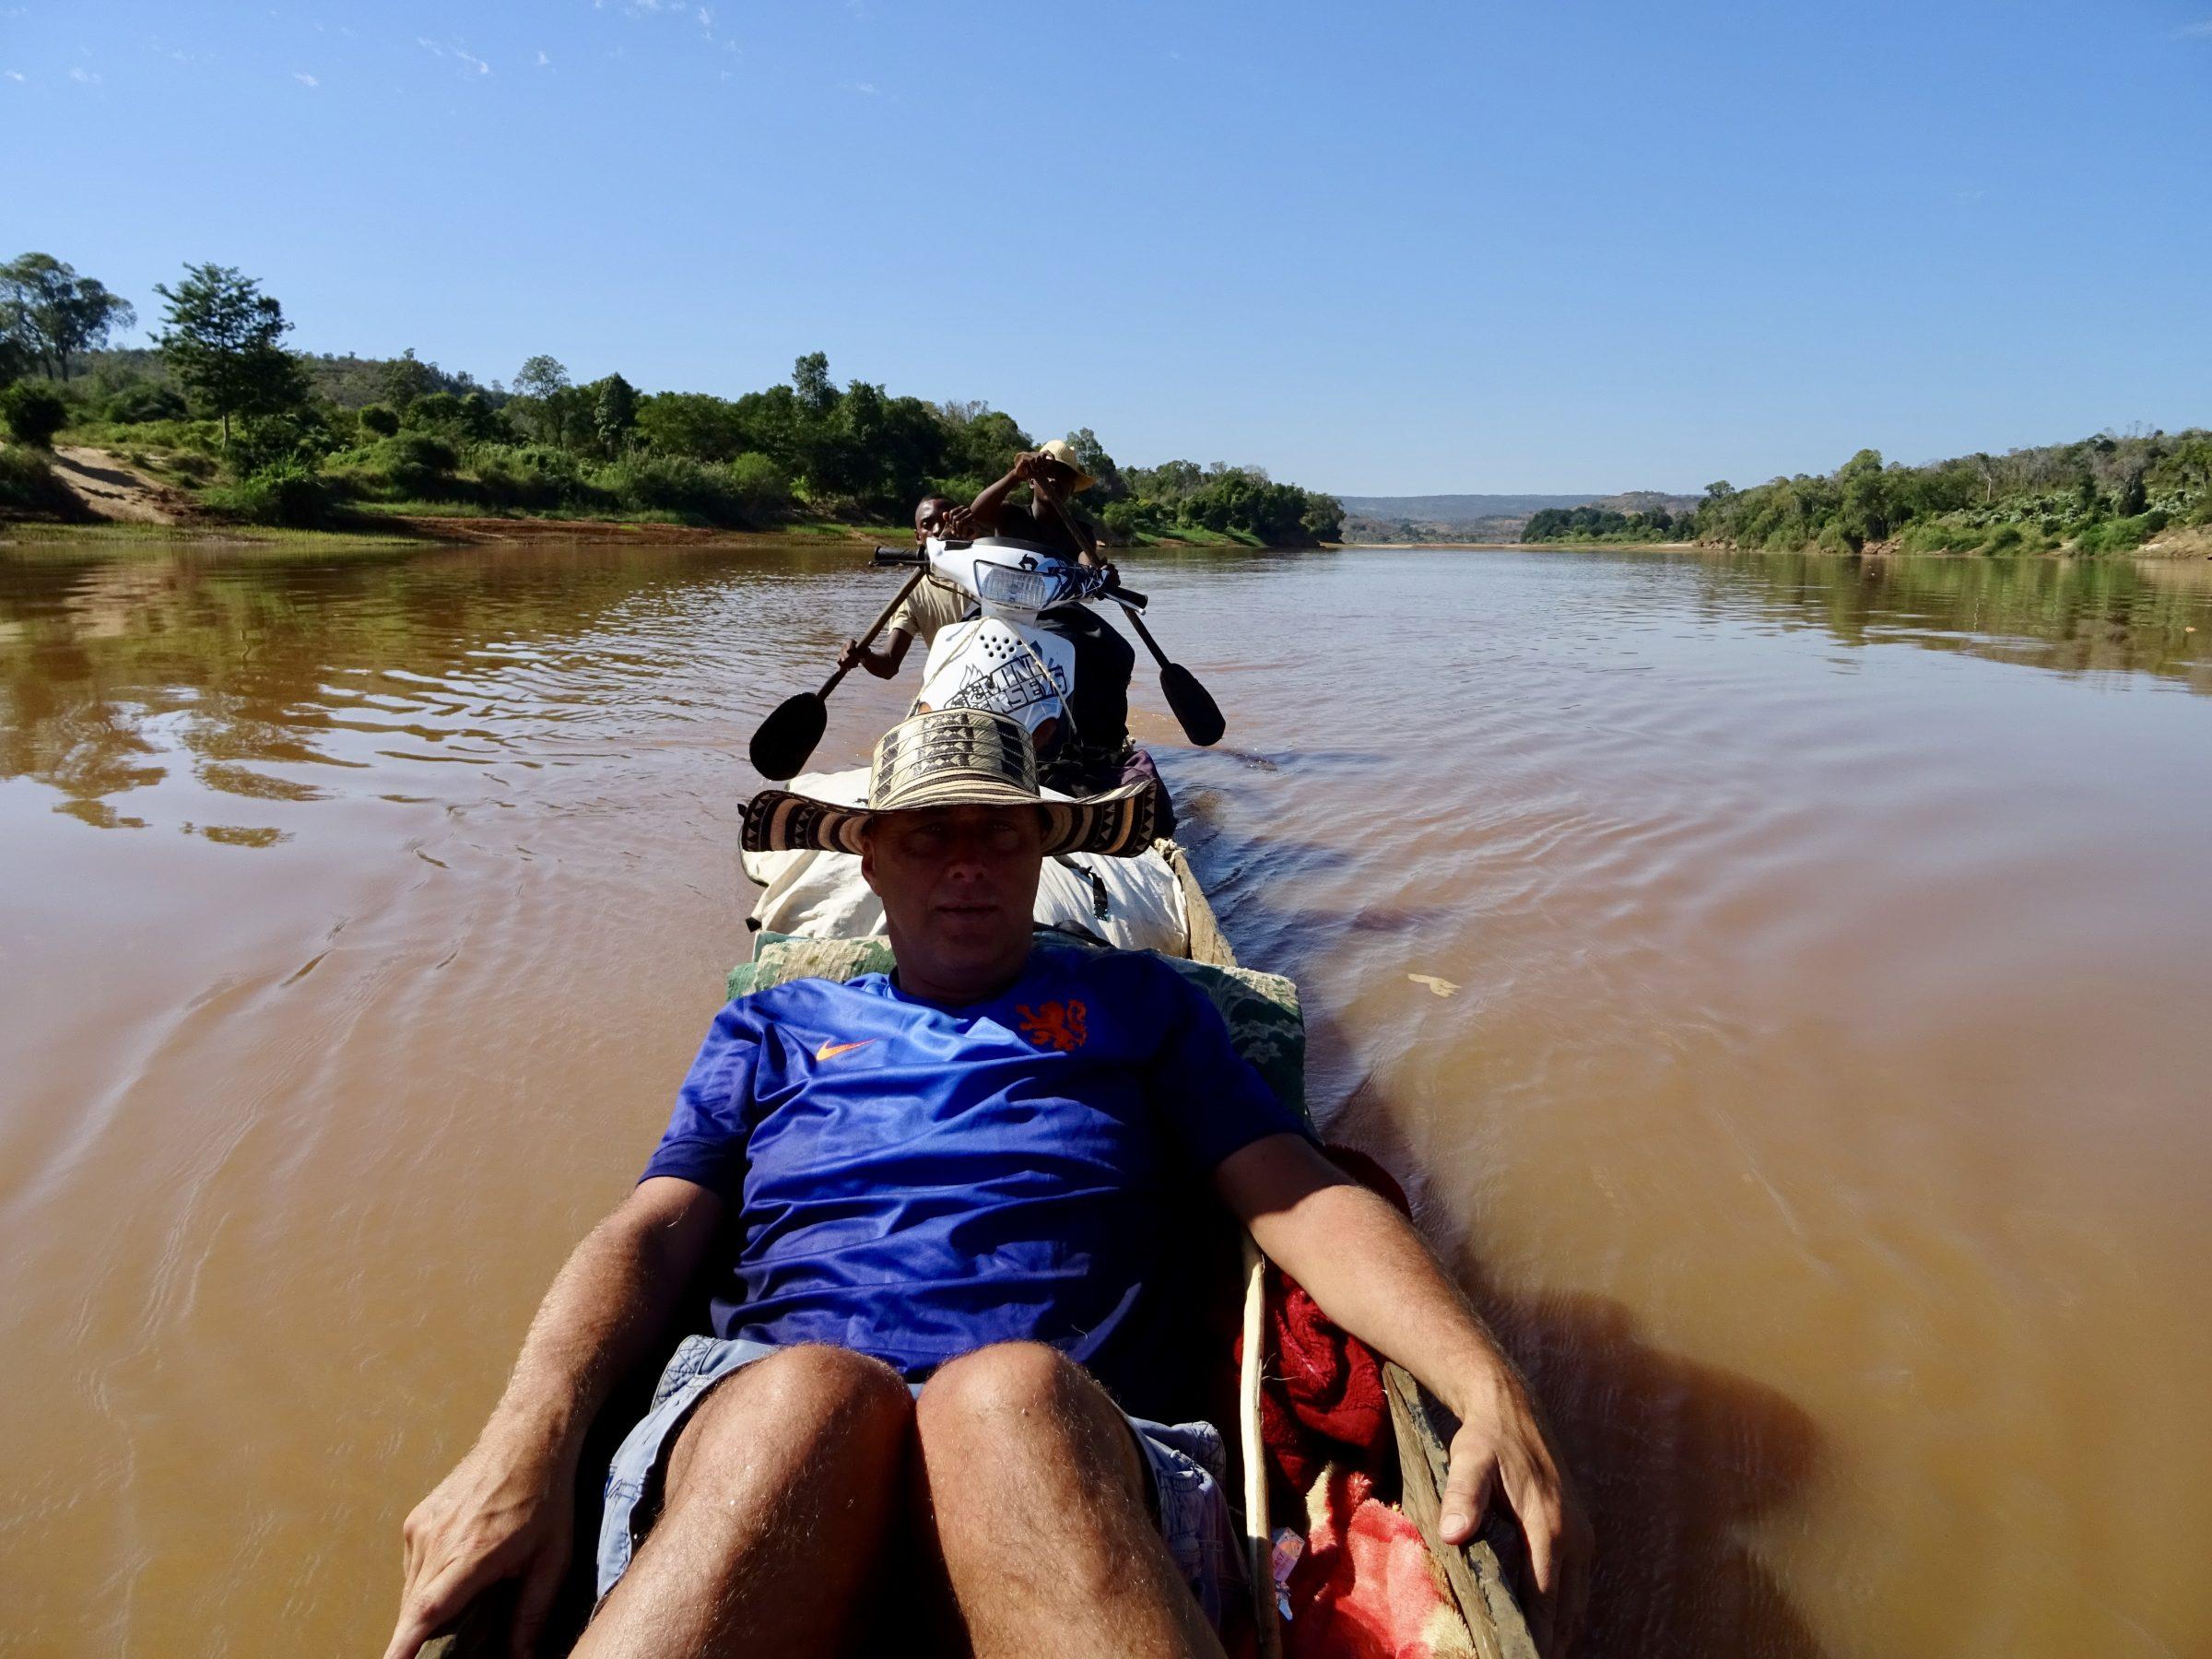 De scooter in een kano op een driedaagse trip in Madagascar